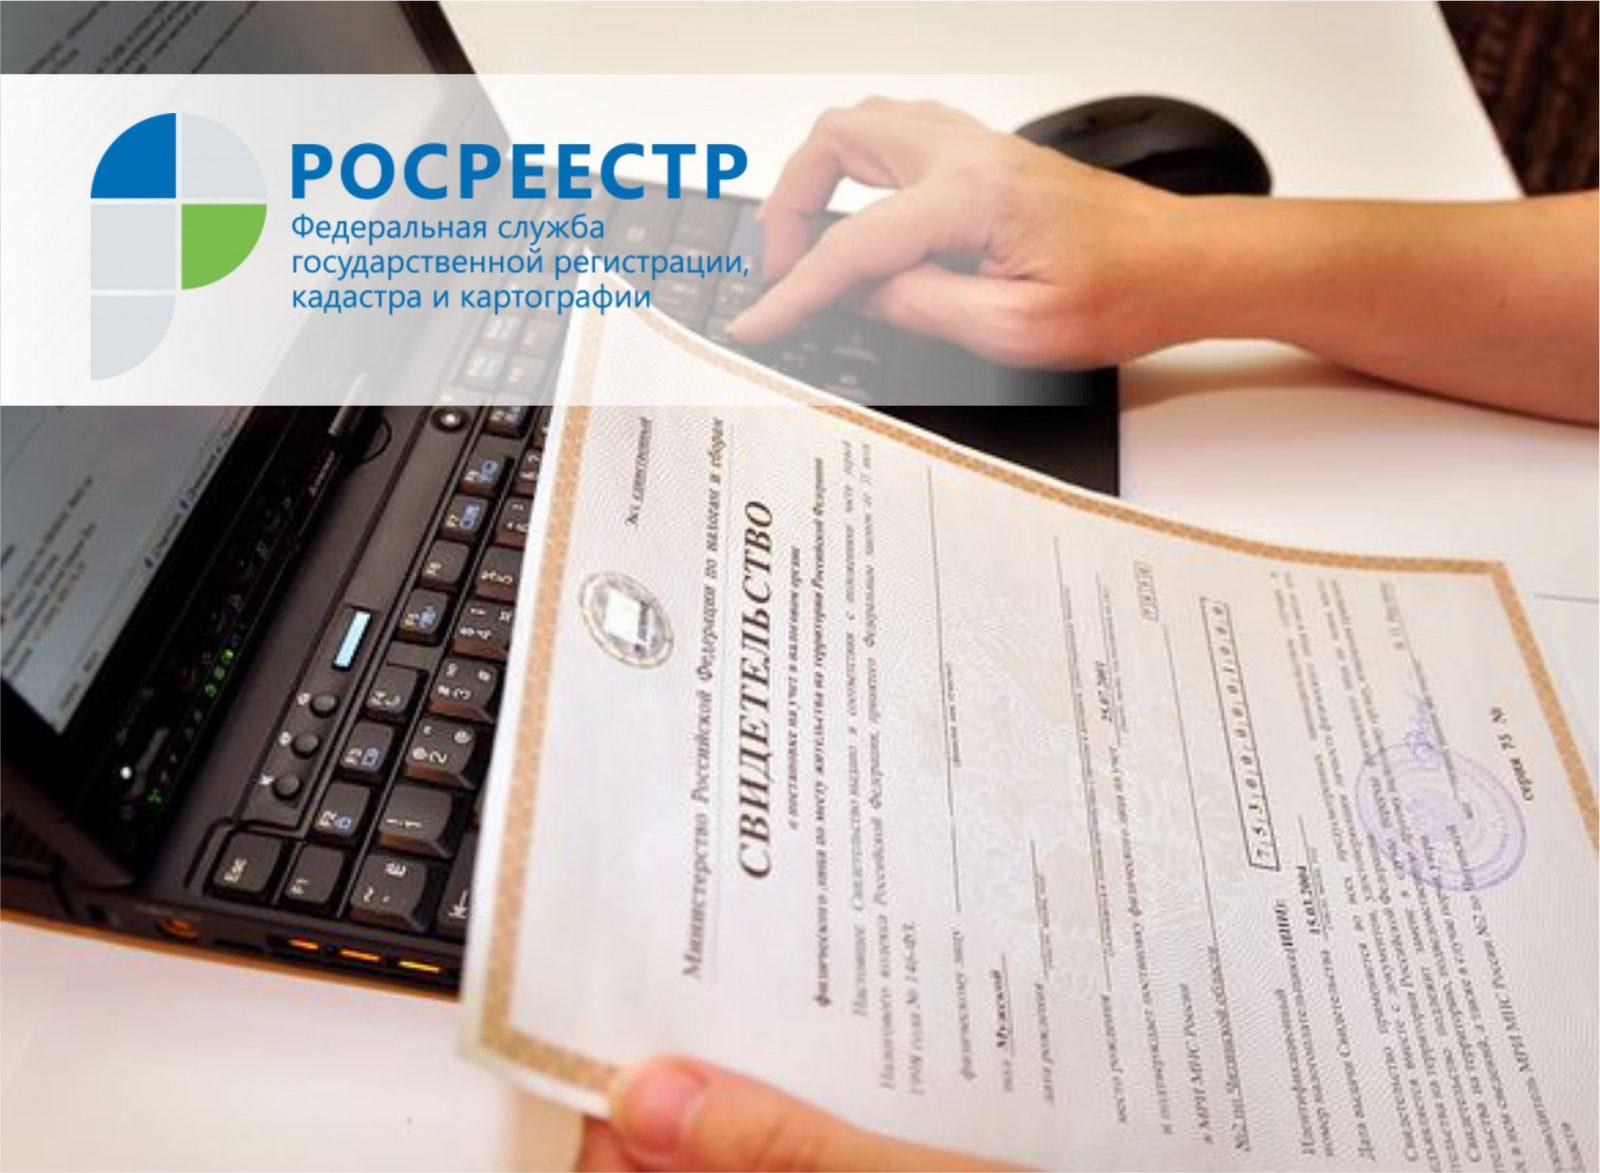 Регистрация ДДУ в Росреестре